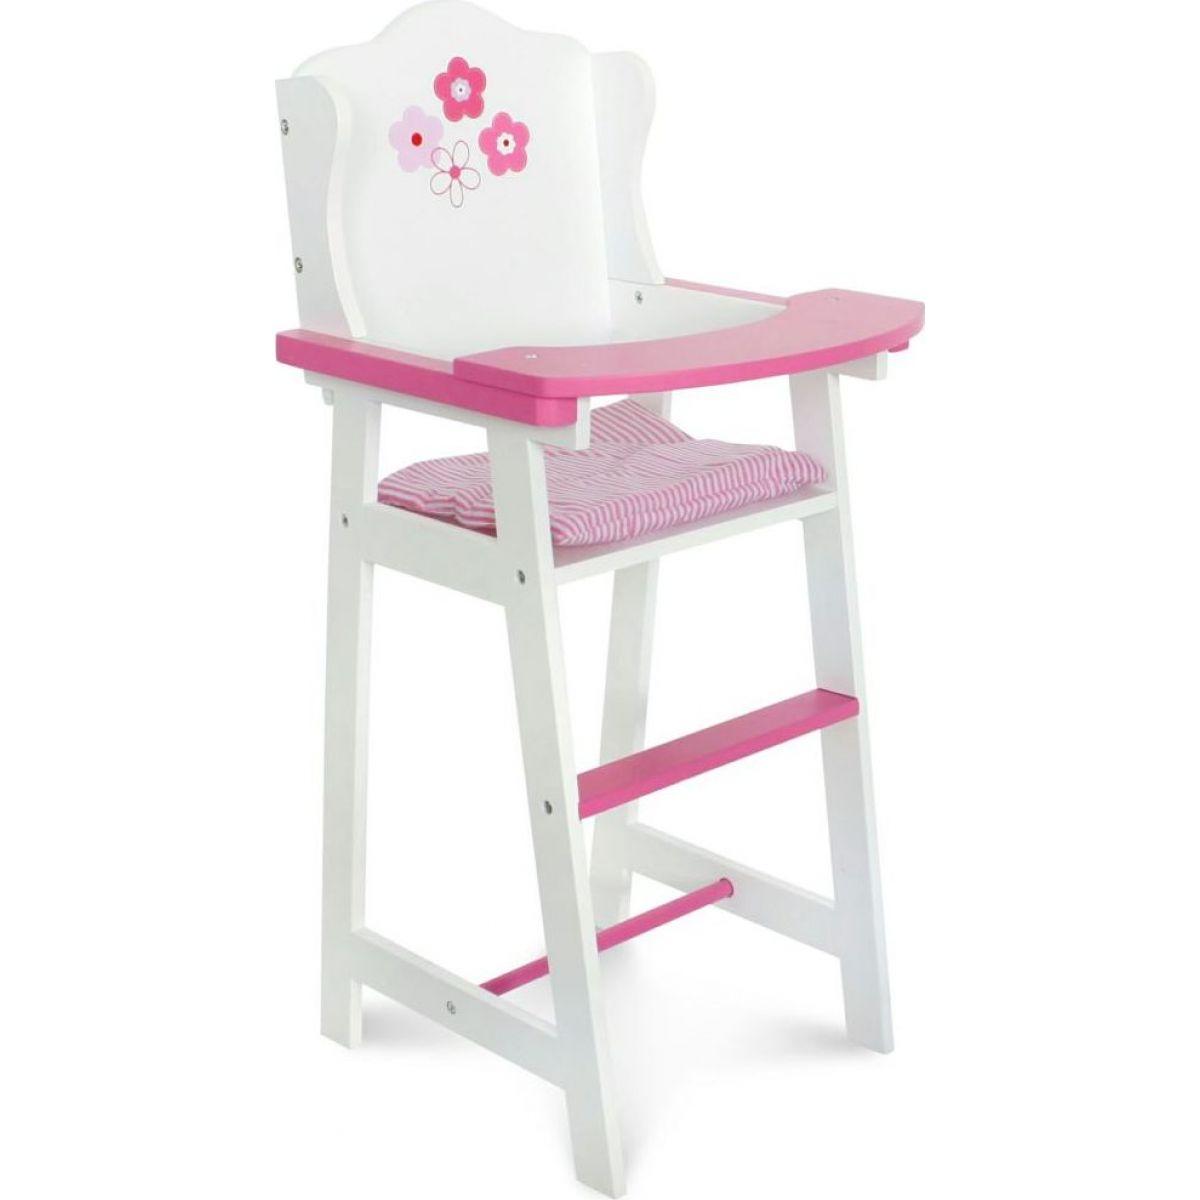 Bayer Chic Jídelní židlička bílá s kytkou